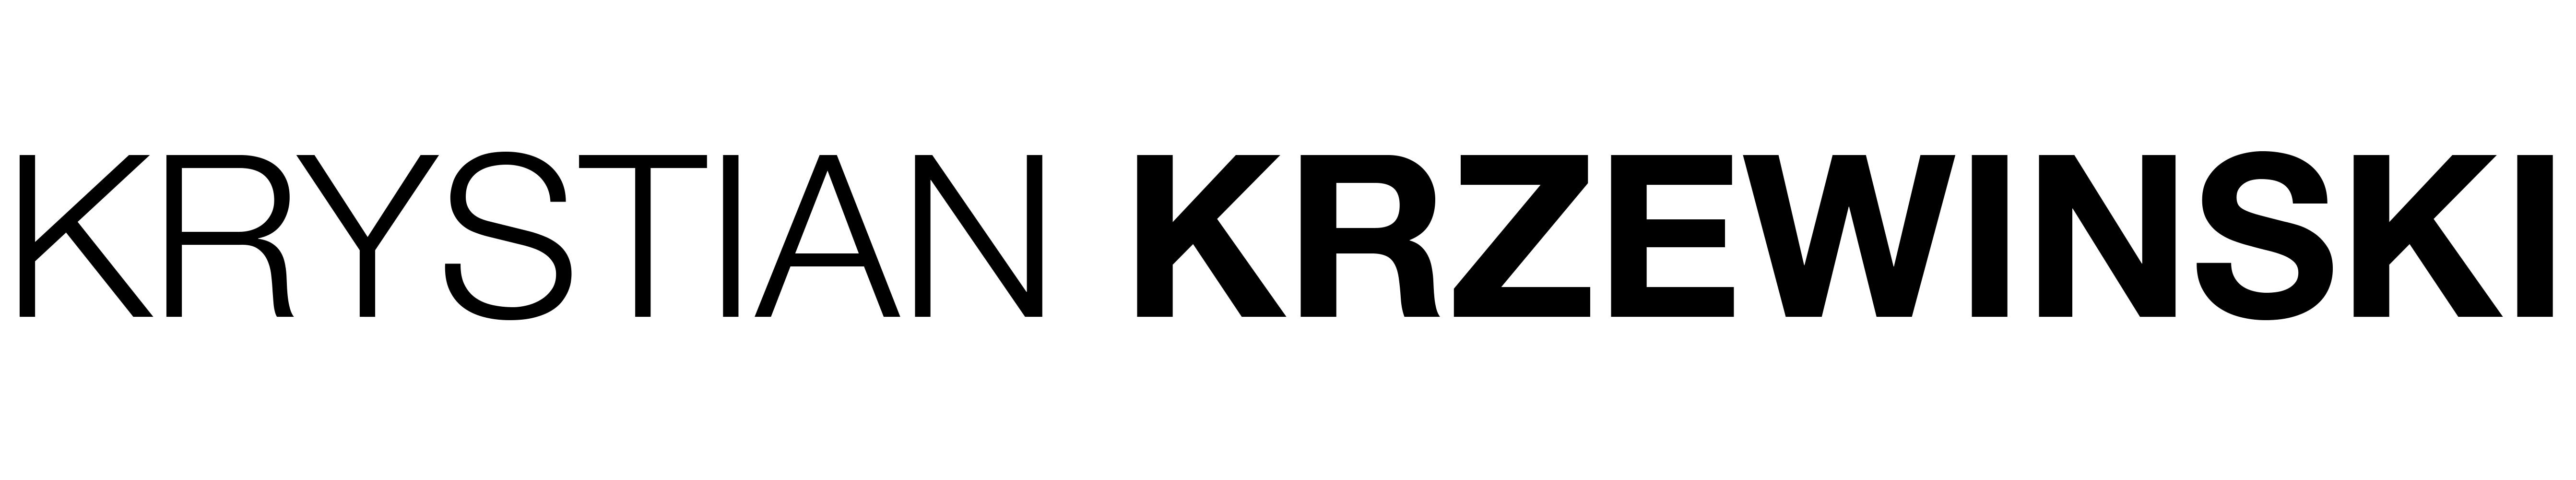 Krystian Krzewinski